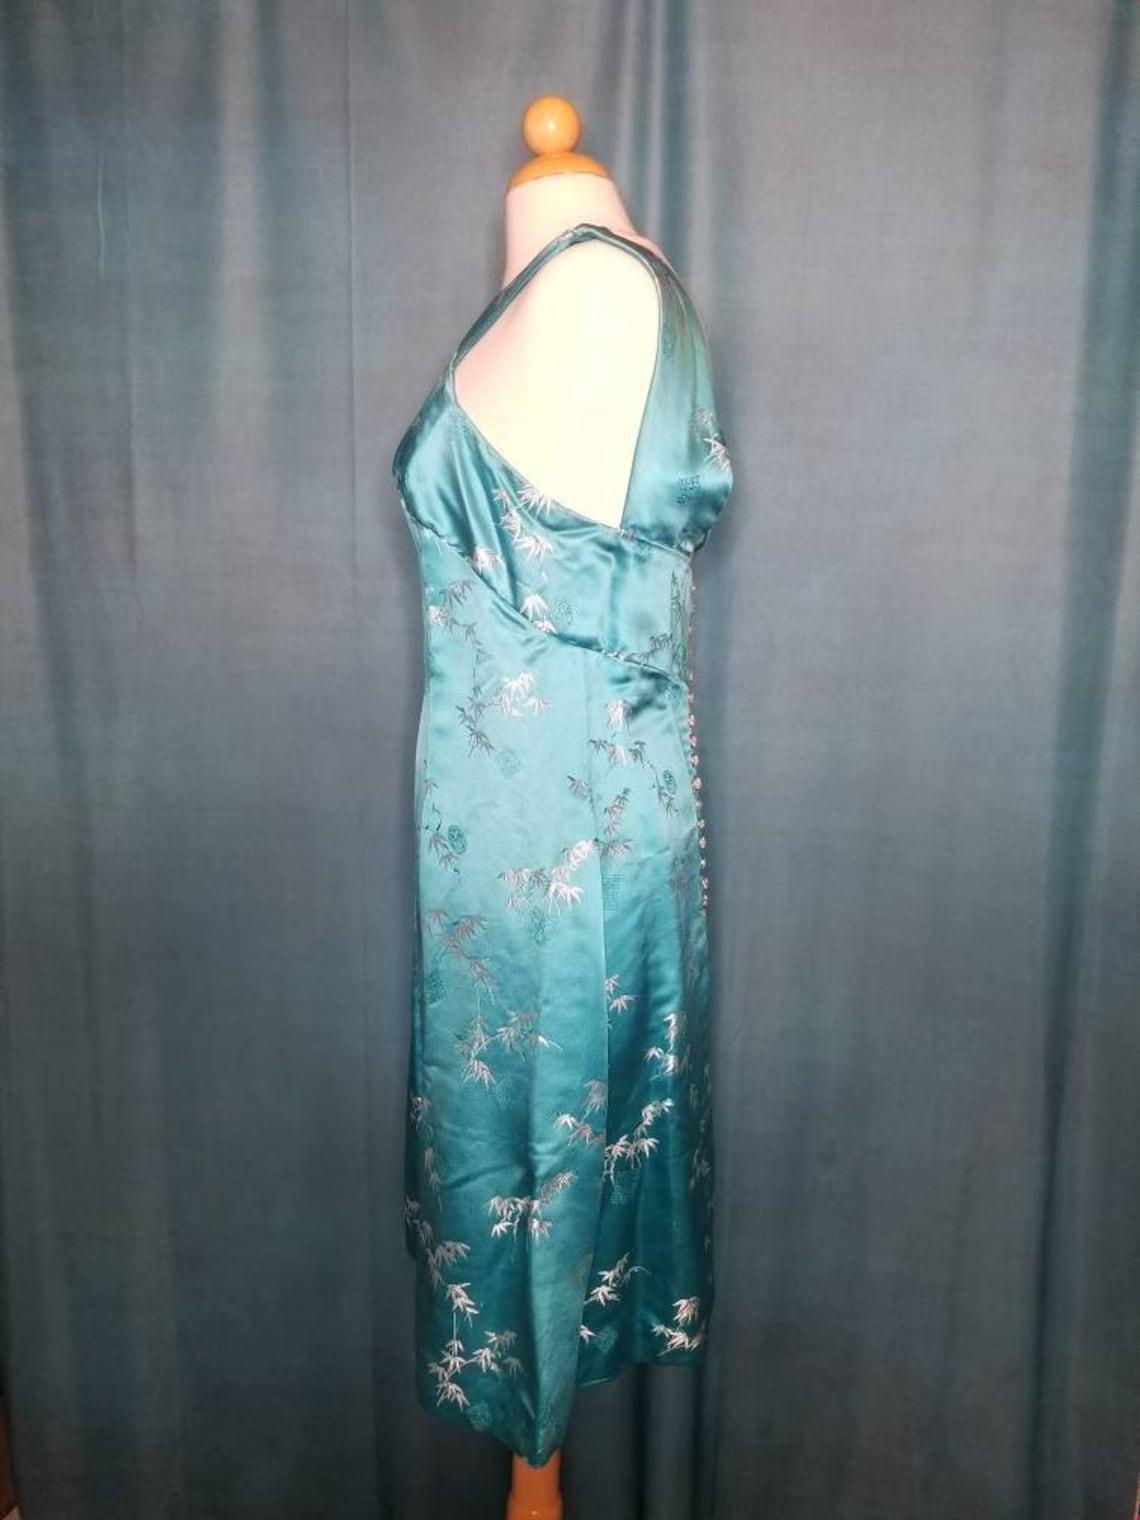 1960's vintage handmade Asian inspired dress